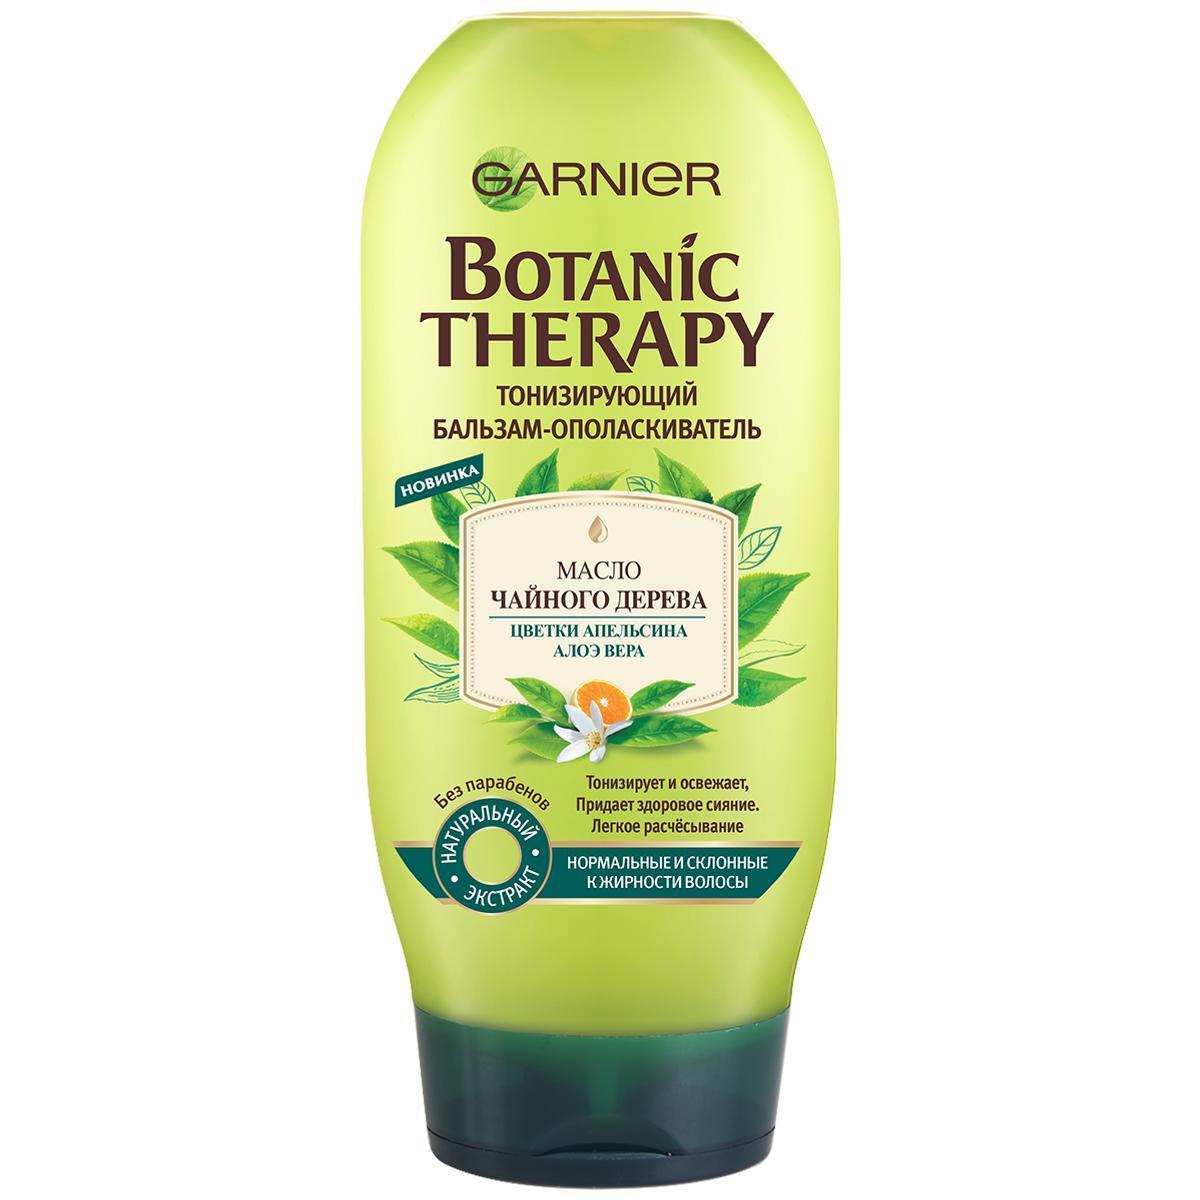 Garnier Botanic Therapy Тонизирующий бальзам-ополаскиватель Масло чайного дерева, цветки апельсина, алоэ #1